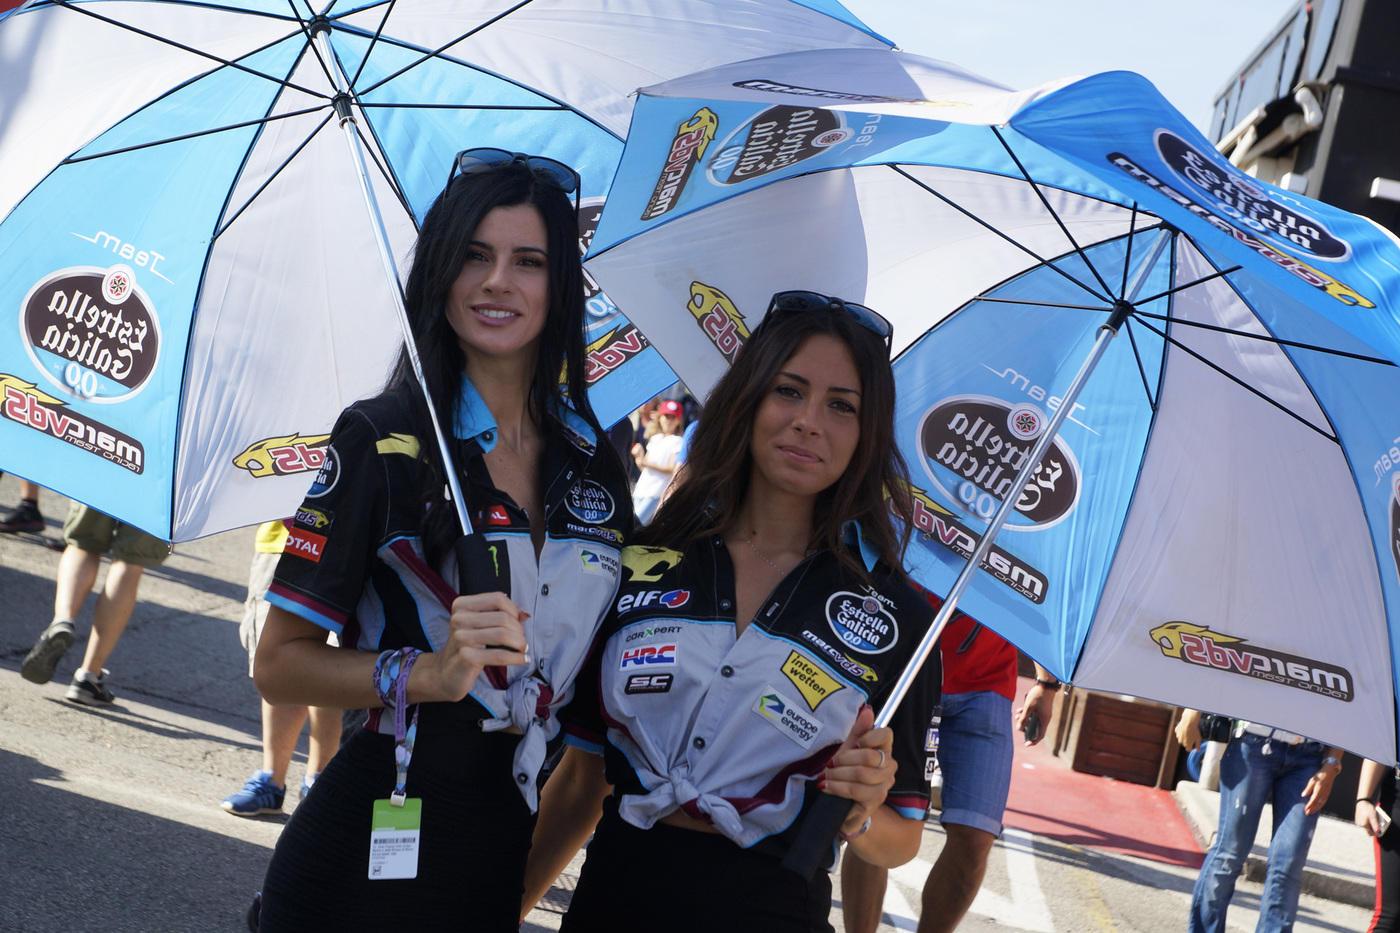 Bufera sessista in Spagna dopo che un'azienda organizzatrice di eventi ha pubblicato un annuncio di ricerca di hostess per il Circuito di Navarra, con...